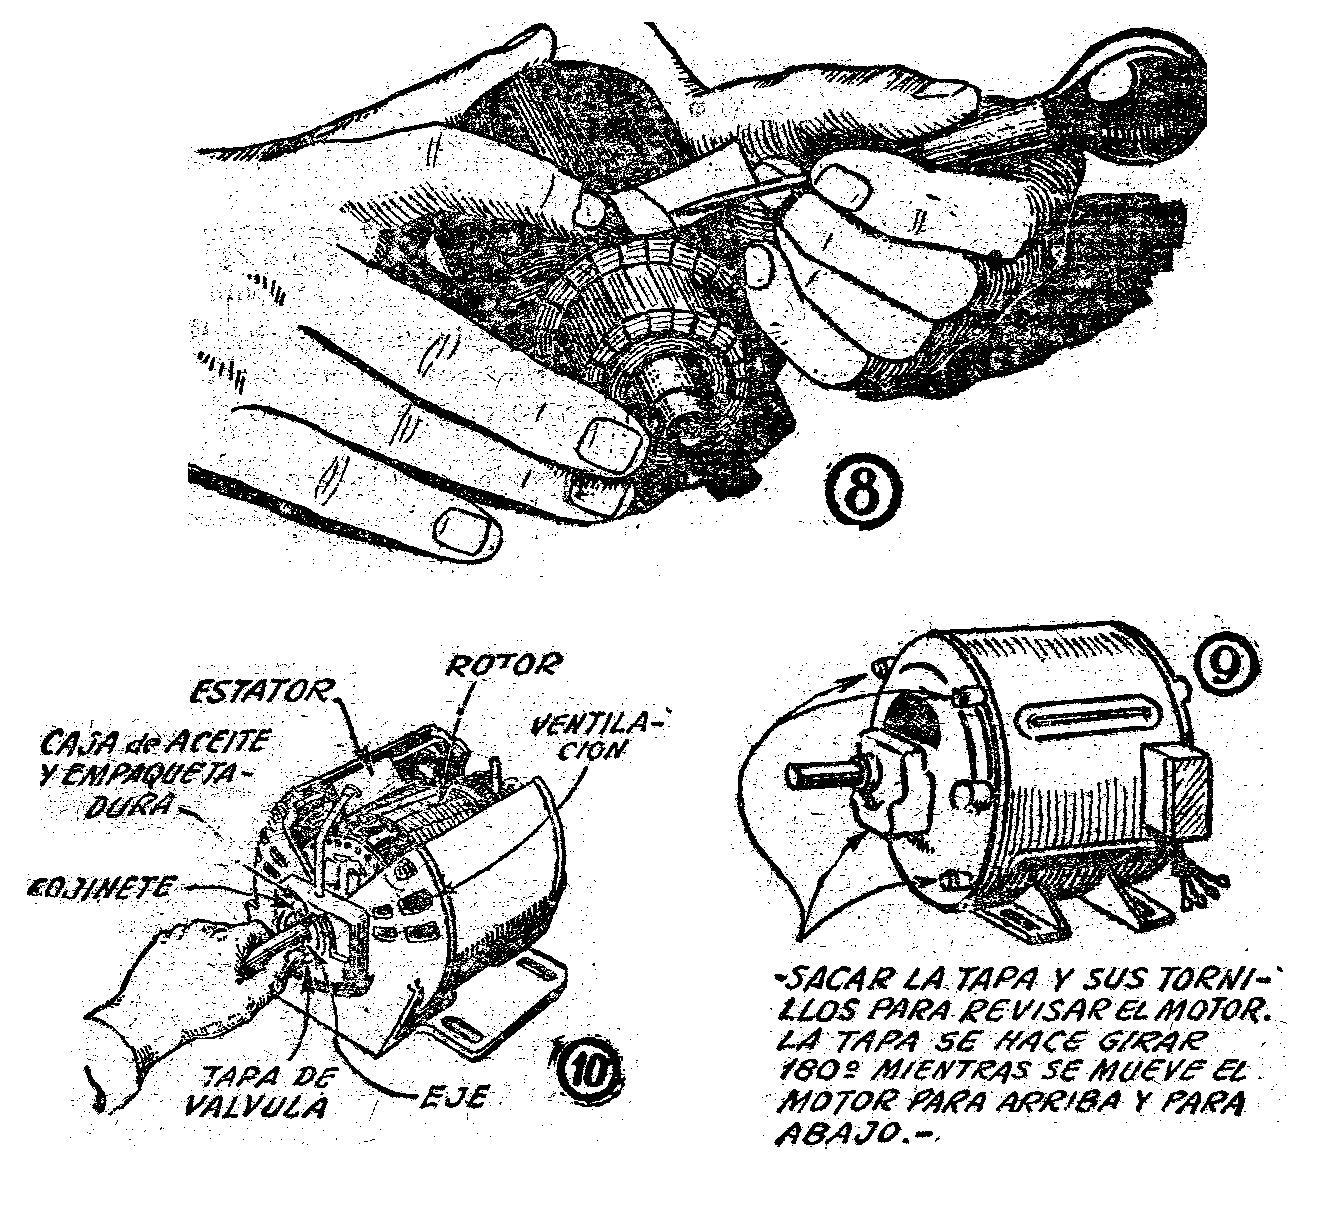 Coches Manuales Arrancar Motorsel